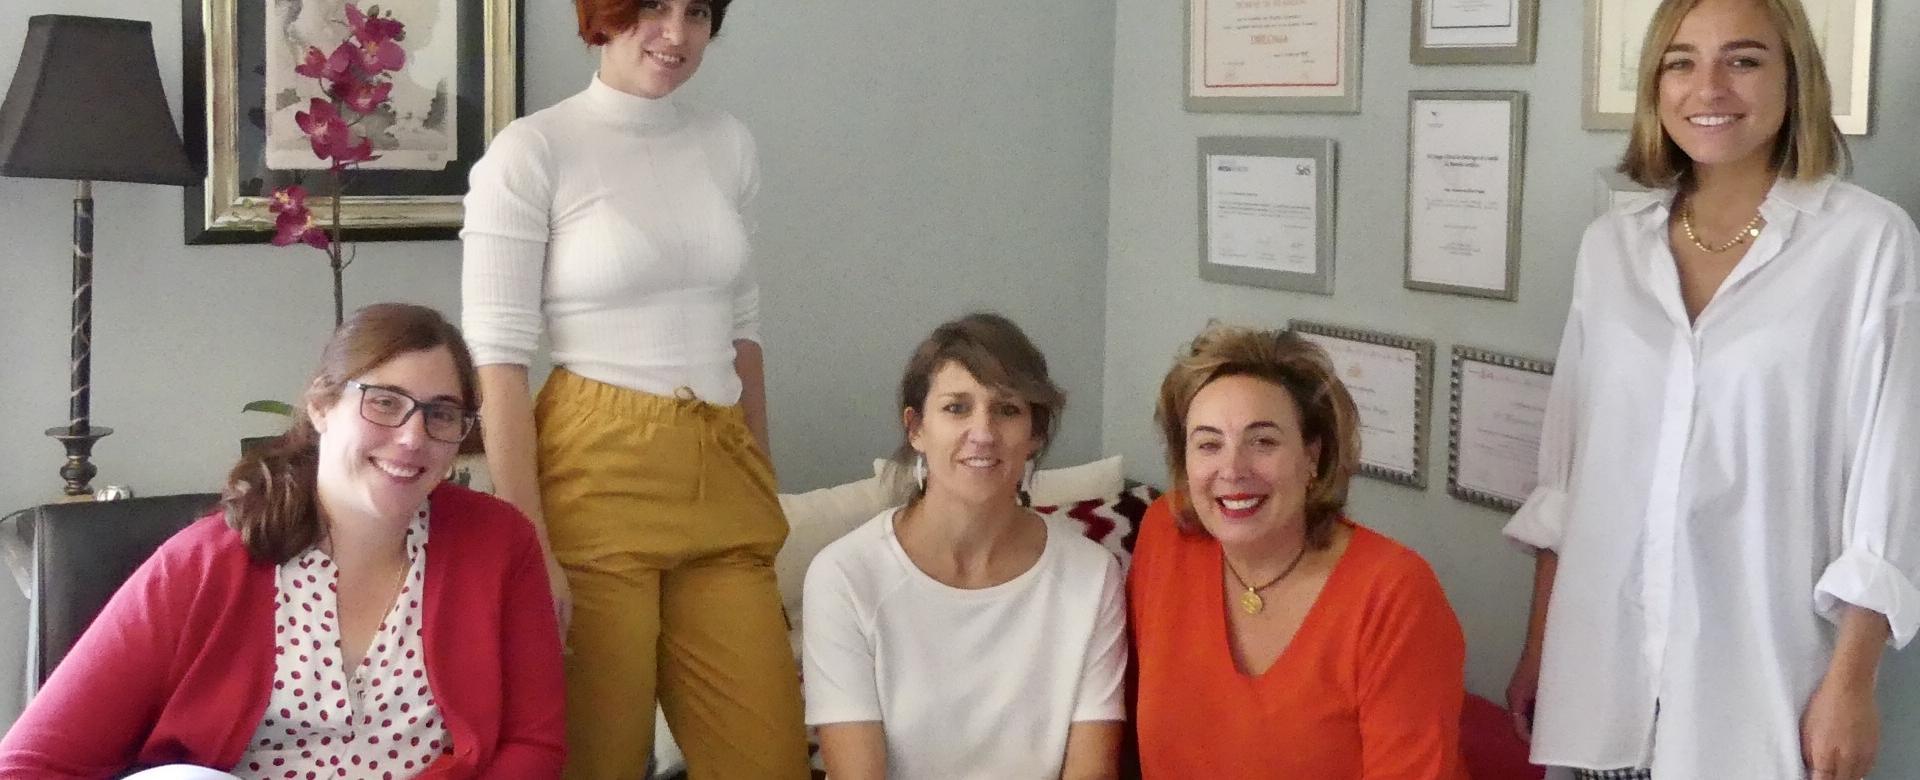 Equipo de psicólogos con amplia formación, especializados y experiencia